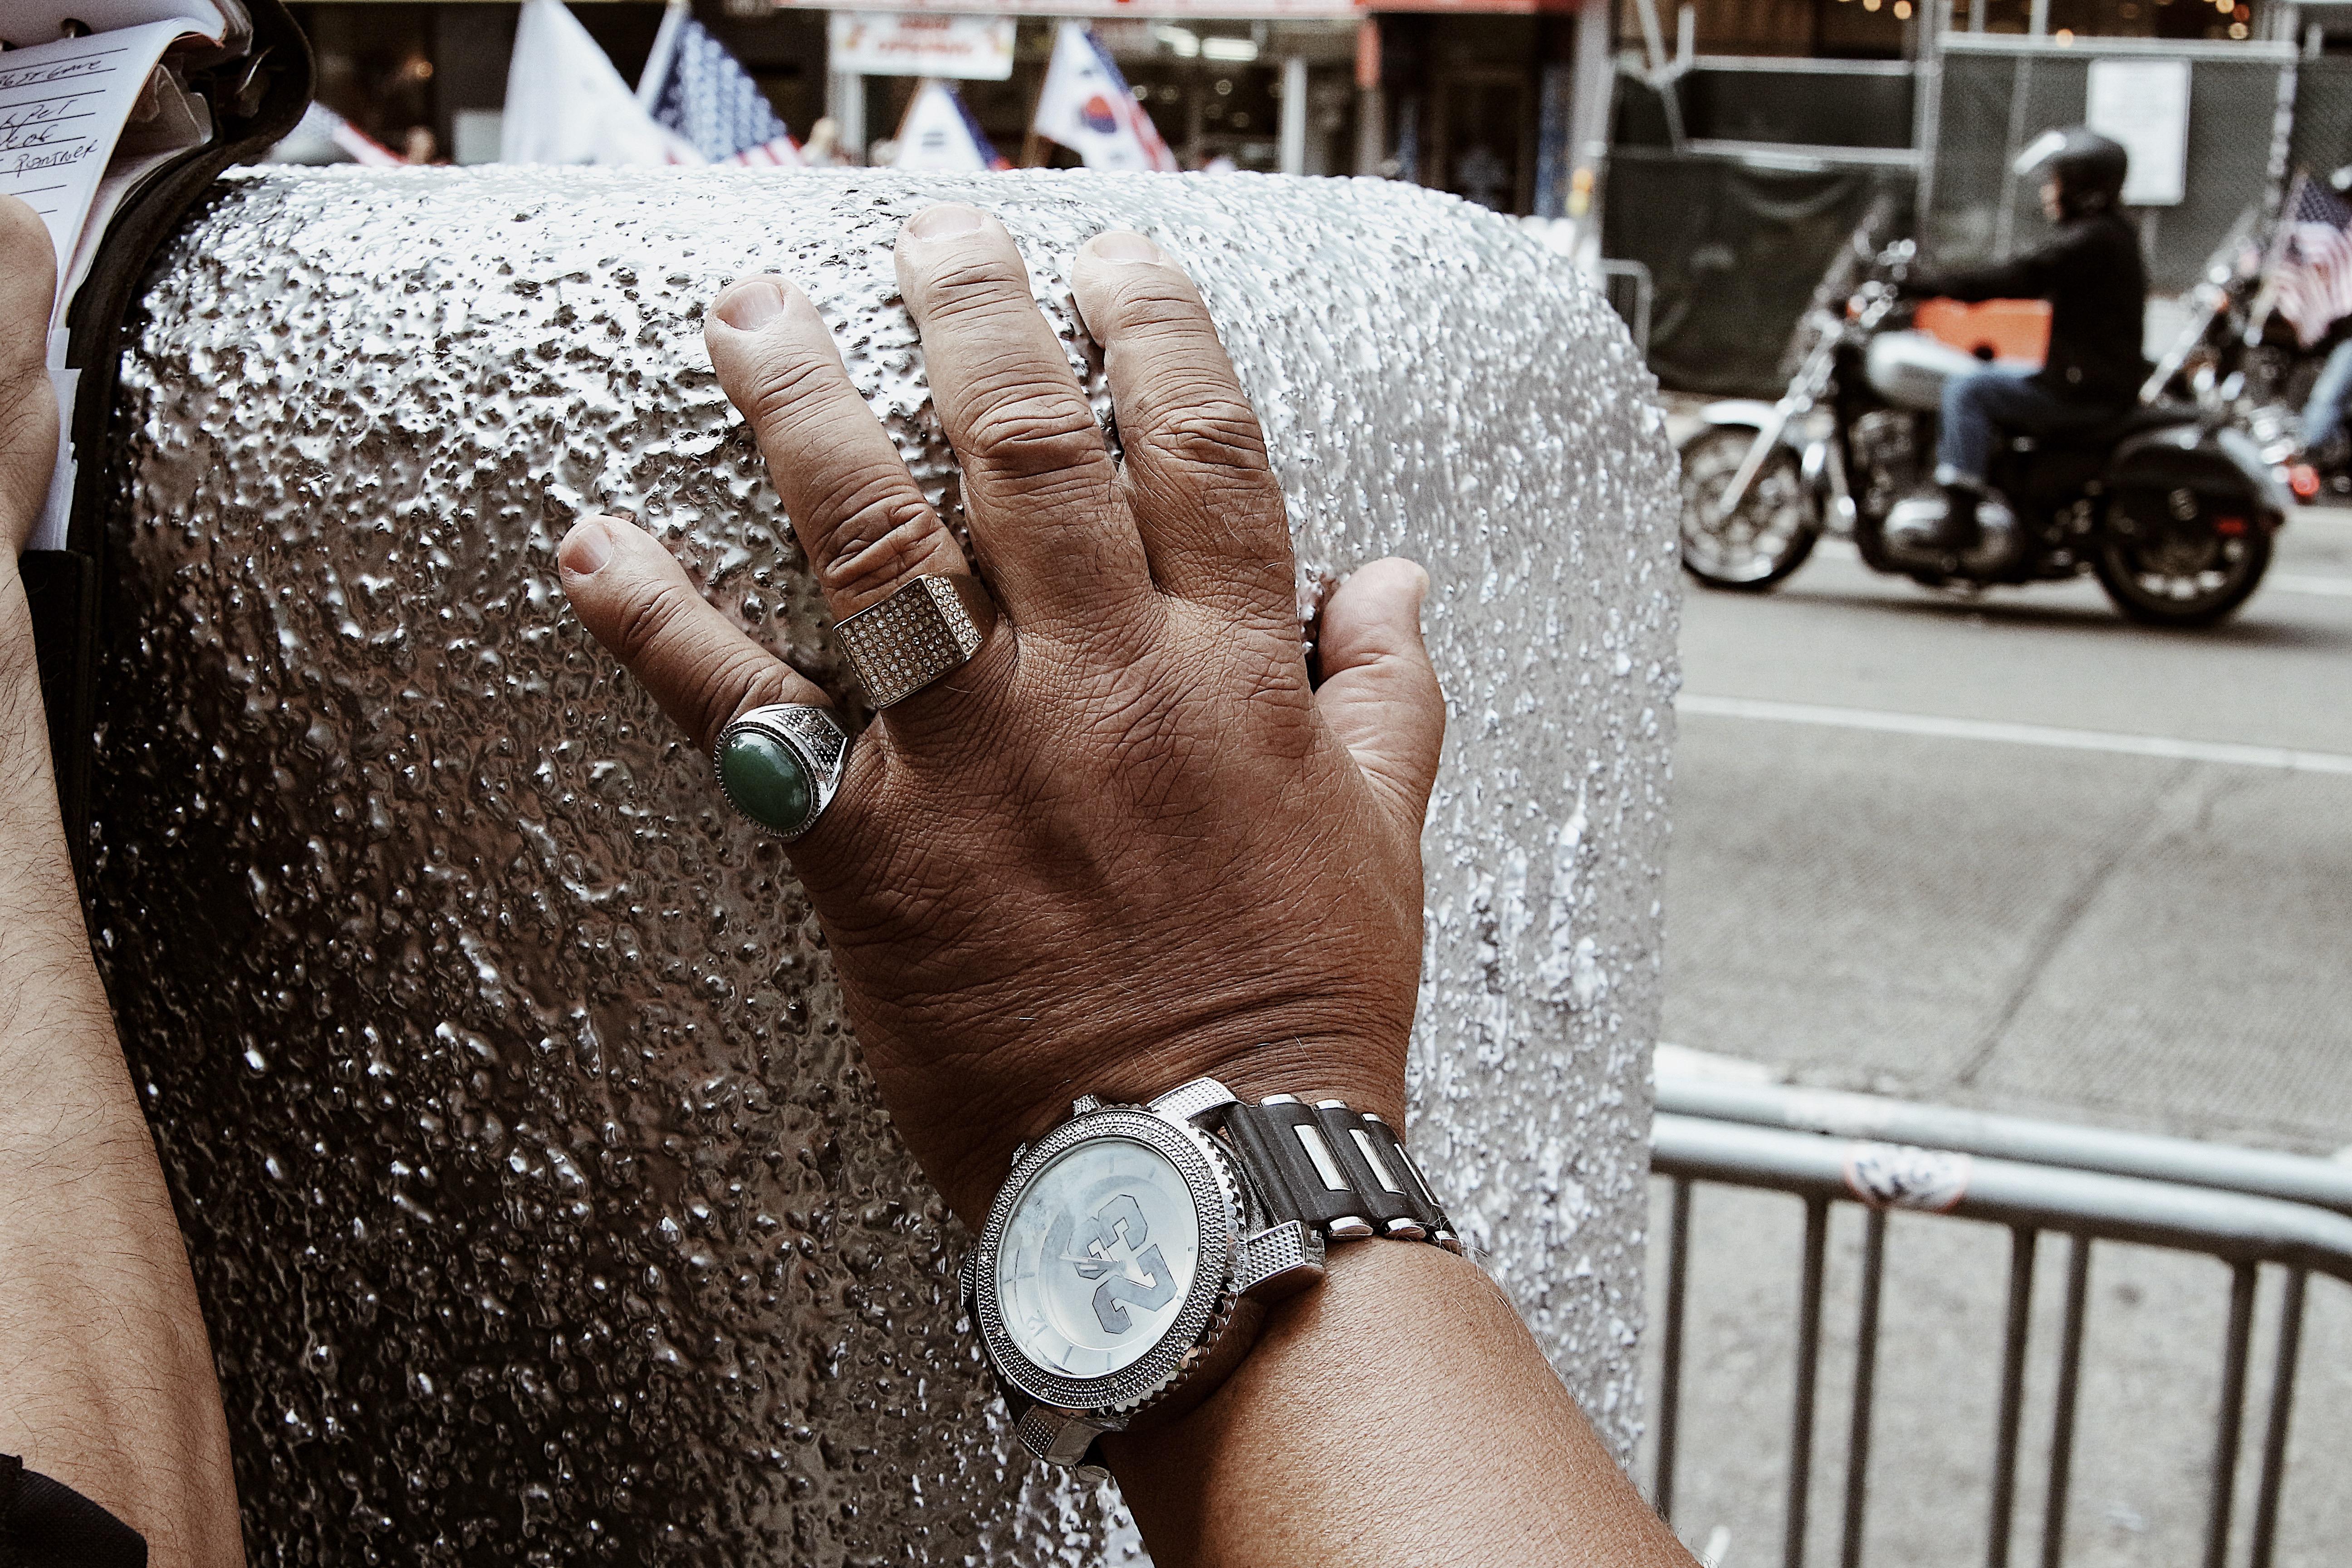 Cop's Hand